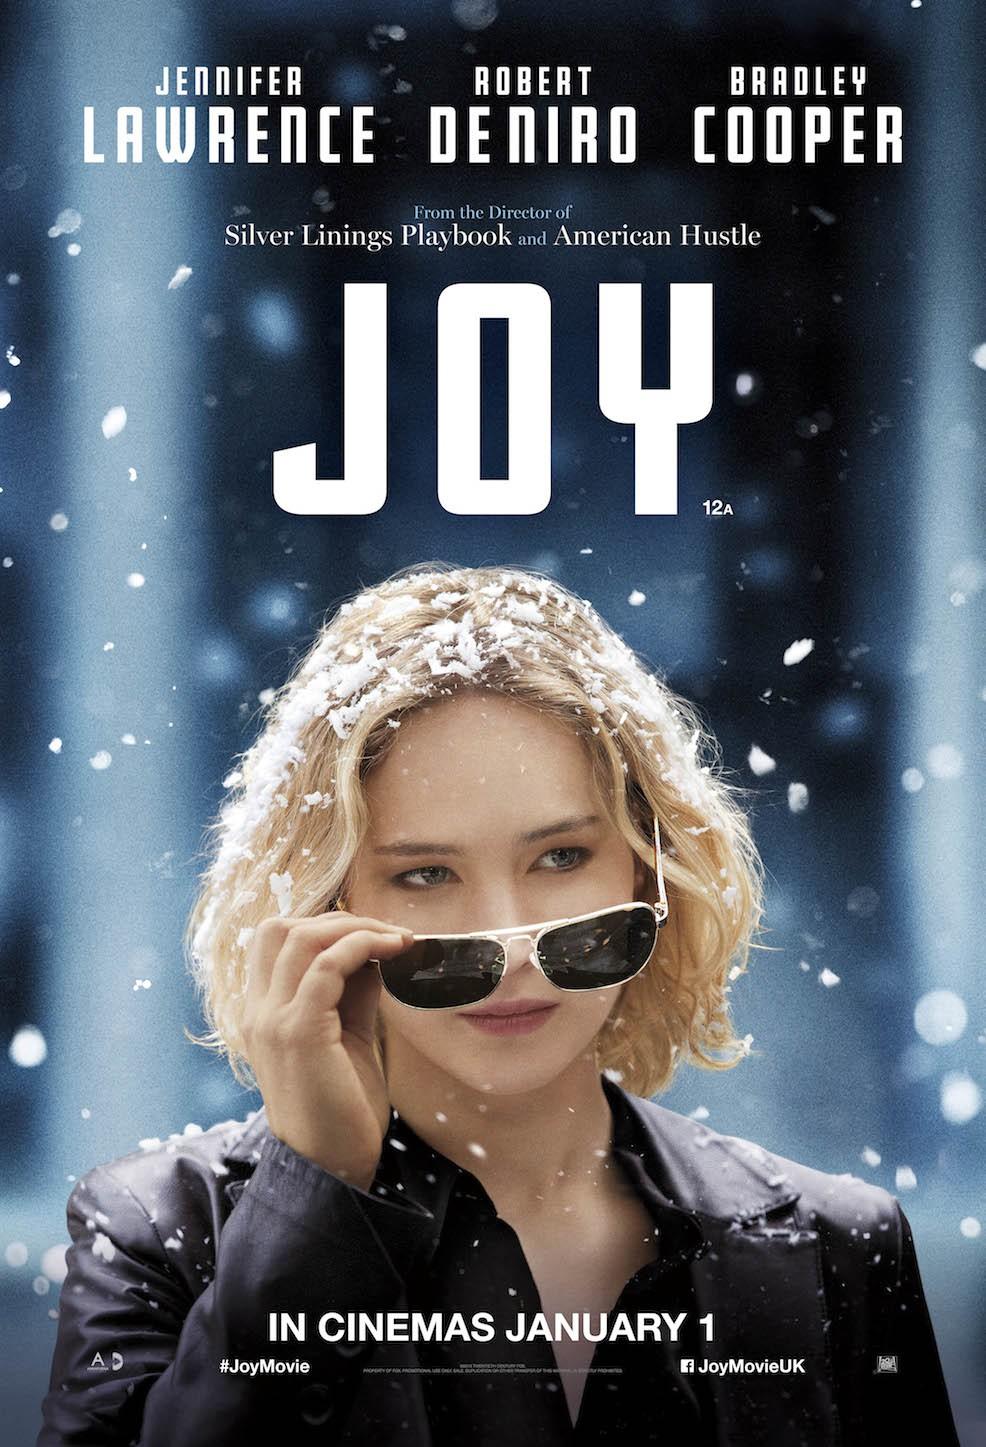 Entra y conoce el lado íntimo de Jennifer Lawrence